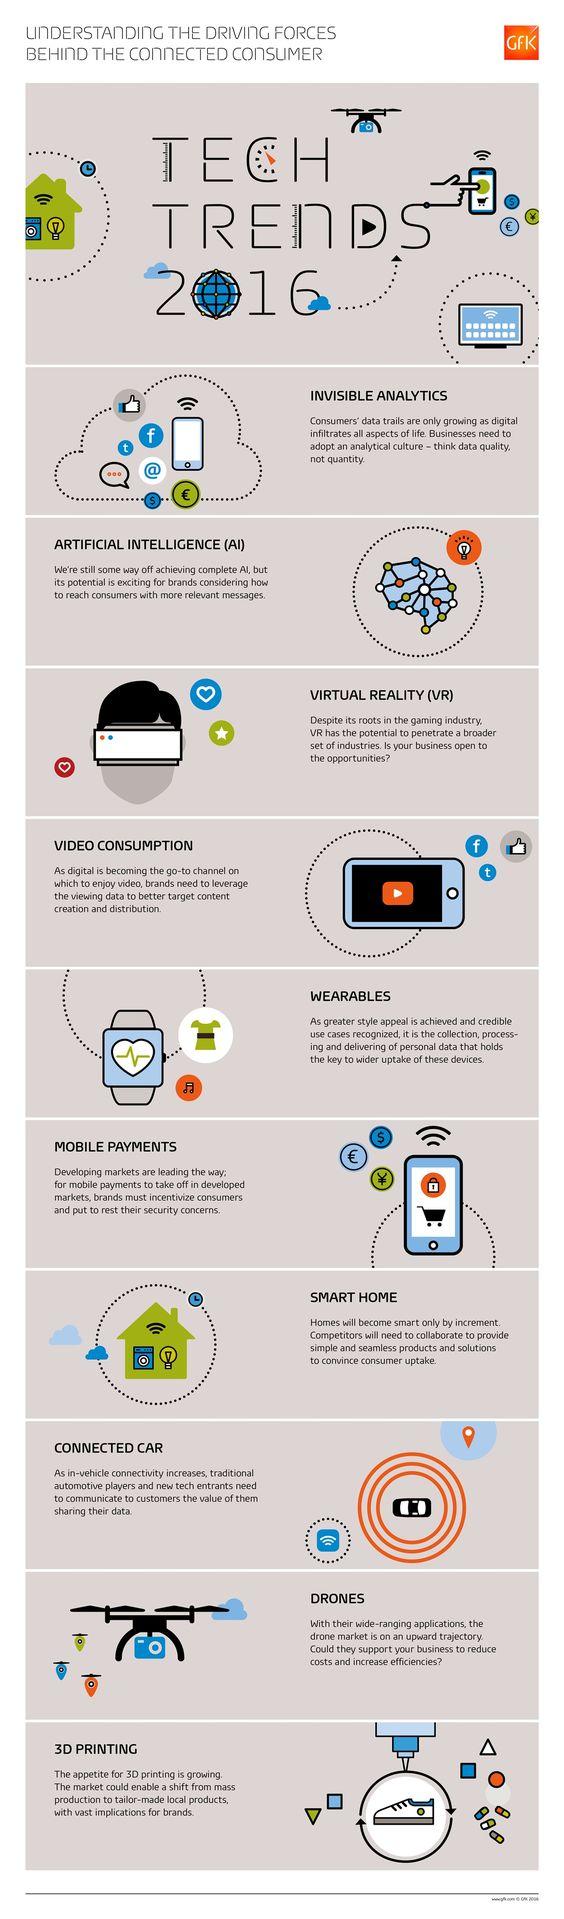 Die 10 Tech-Trends 2016: Künstliche Intelligenz, Virtuelle Realität, 3D-Druck & mehr